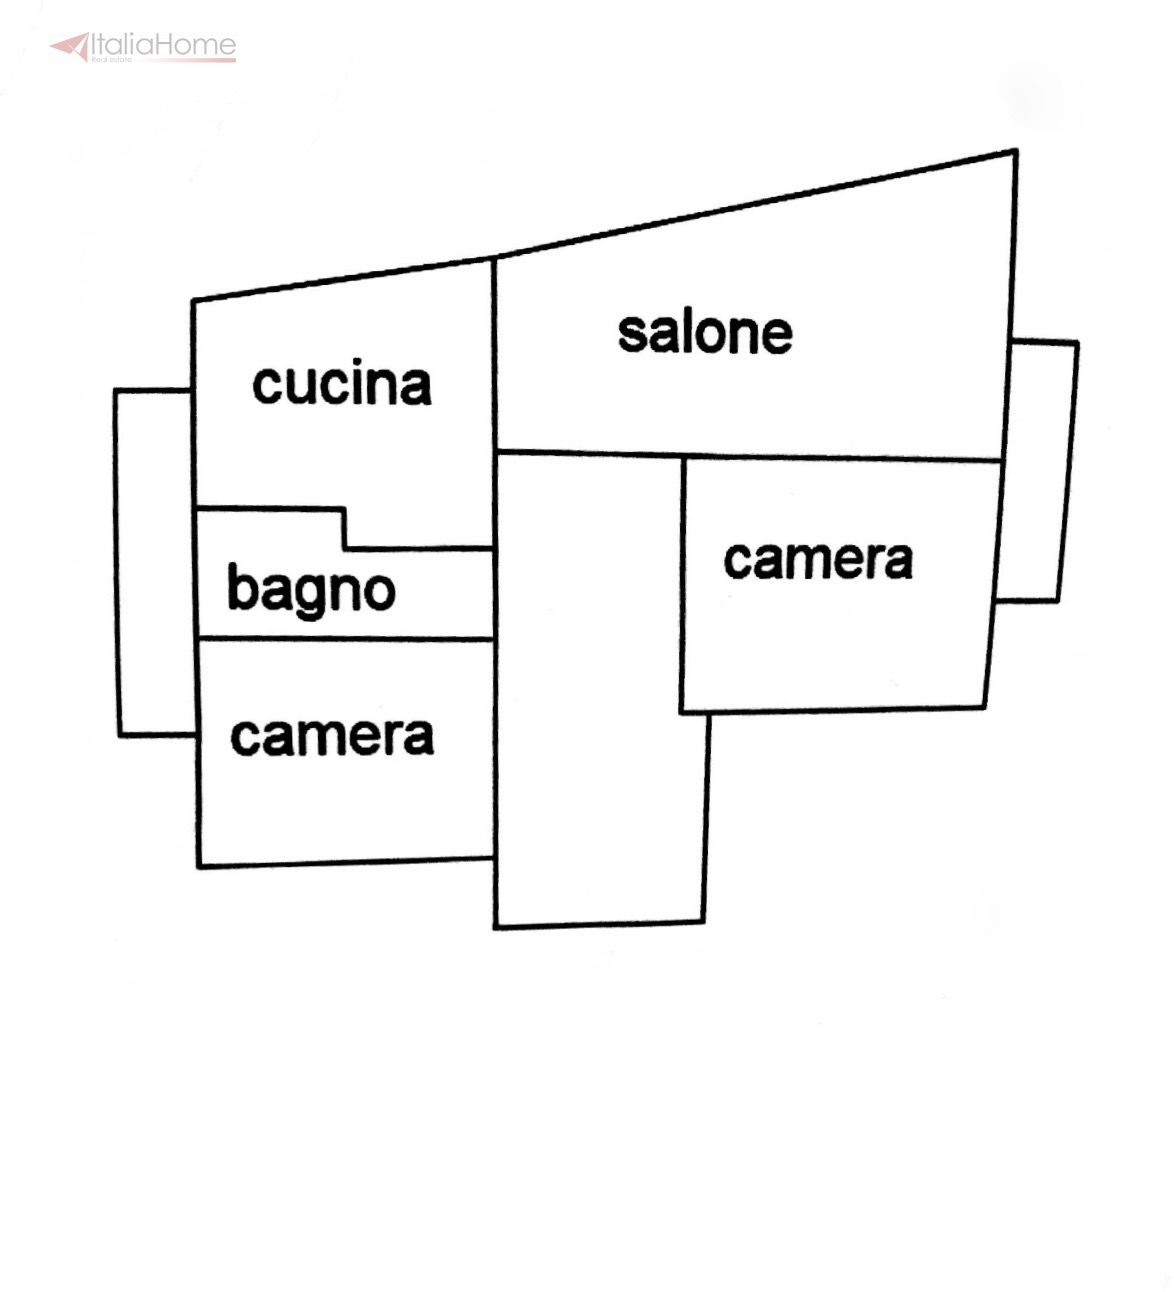 cagliari vendita quart: is mirrionis italia-home-s.r.l.